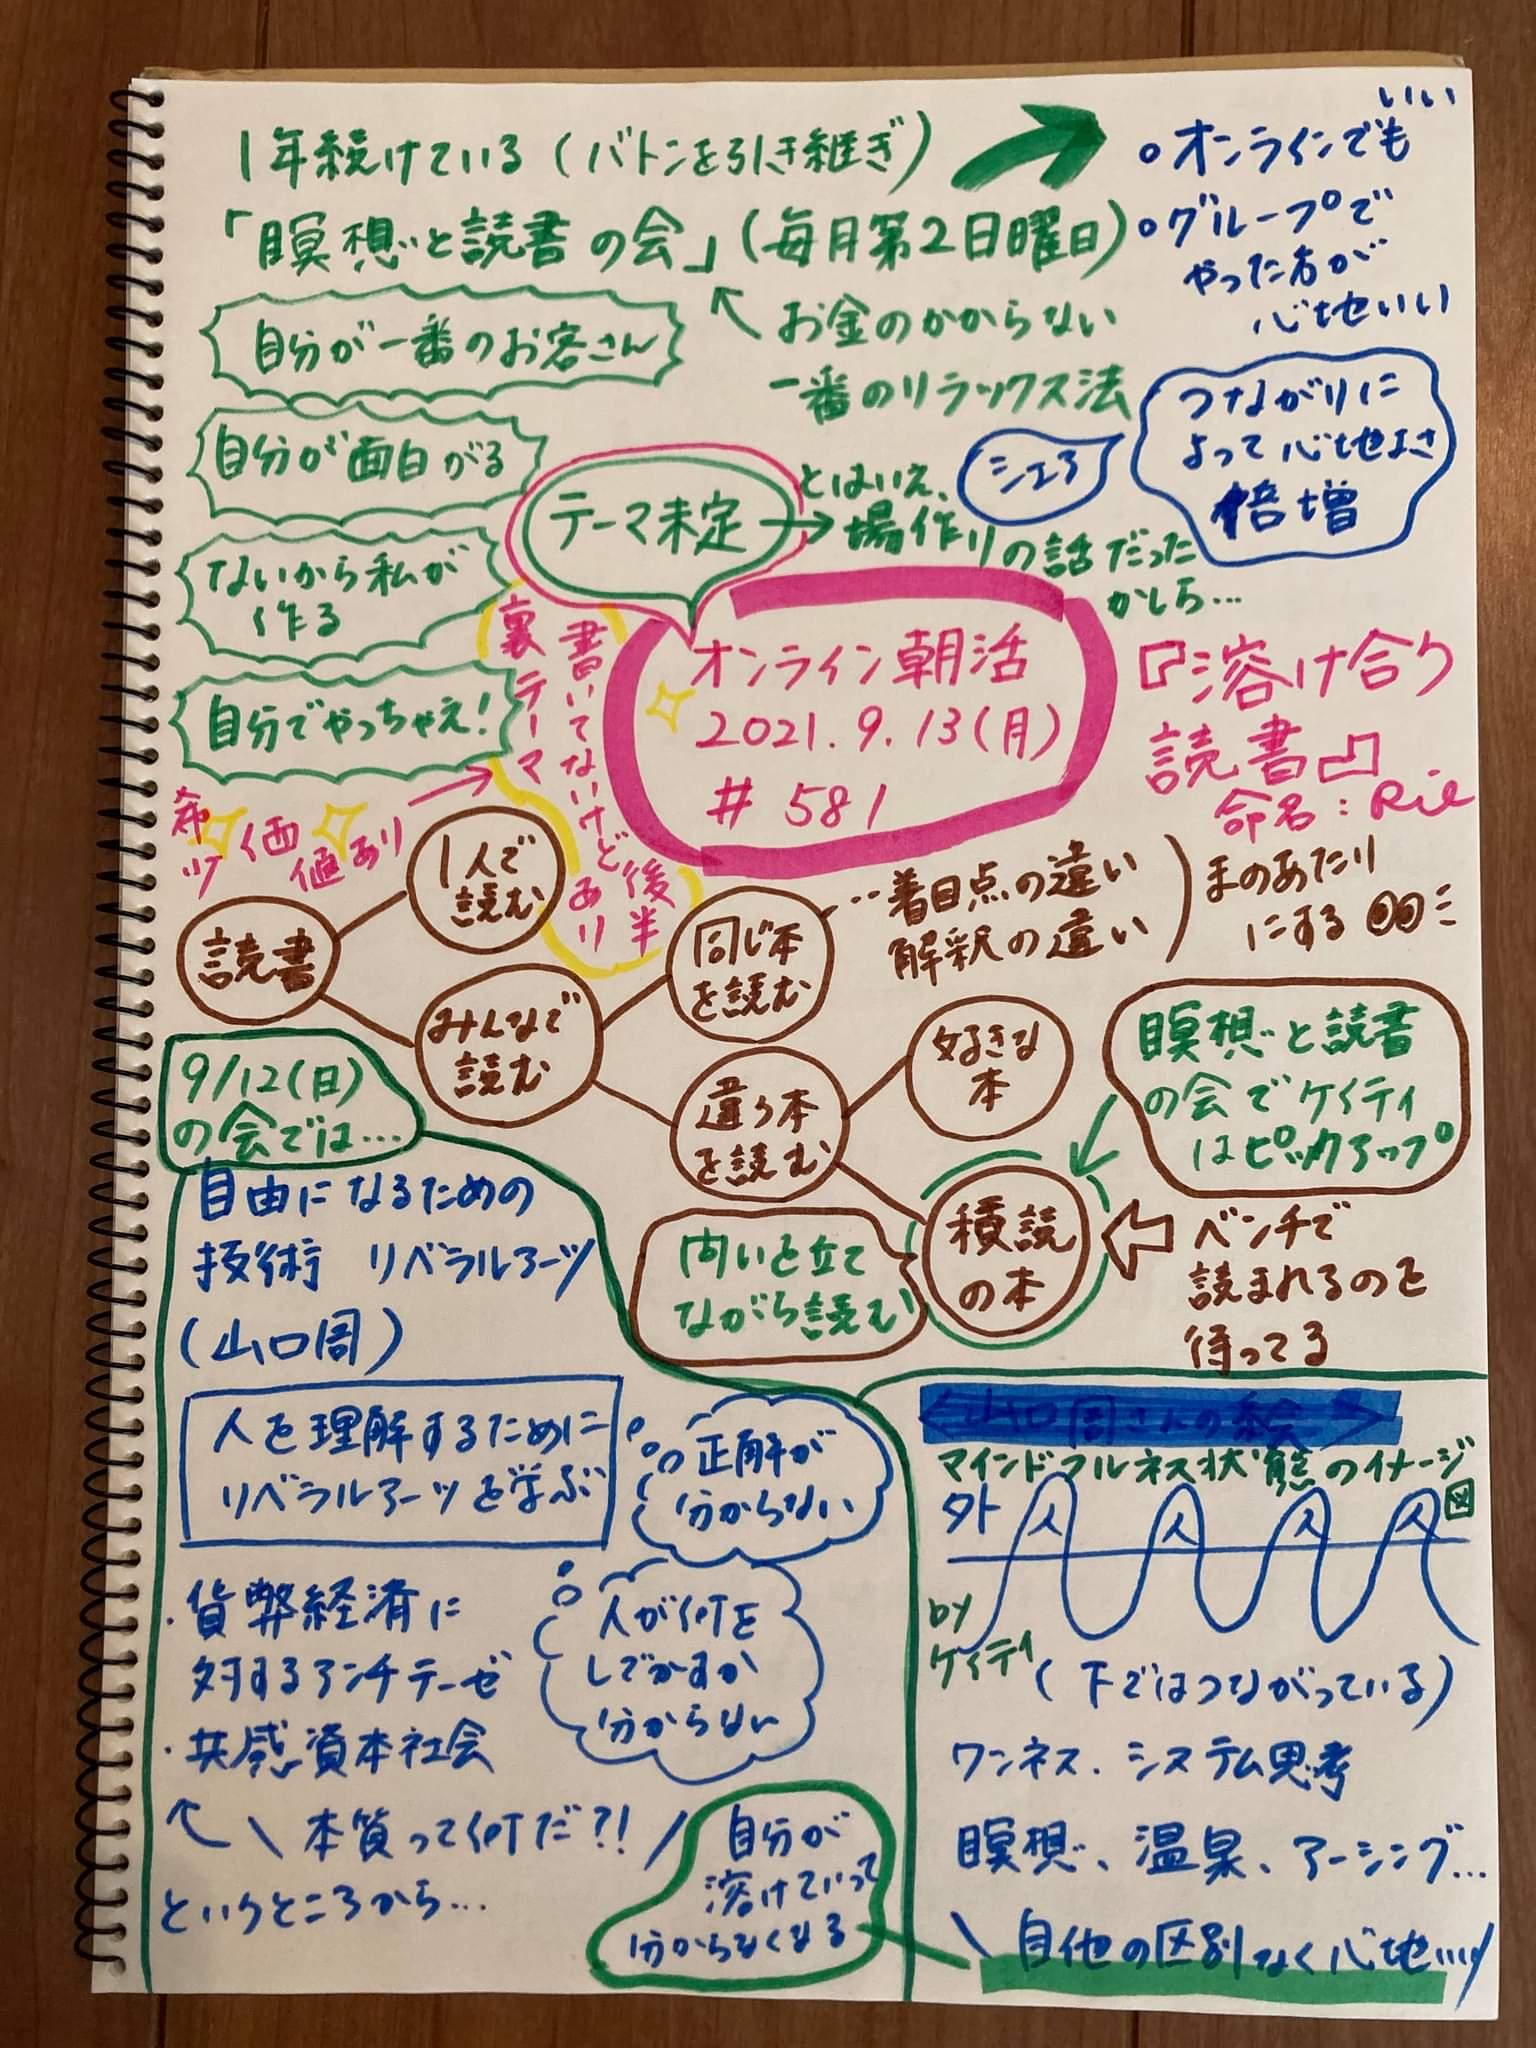 9/13(月)オンライン朝活 #581 「瞑想と読書の会」で読んだ本の紹介